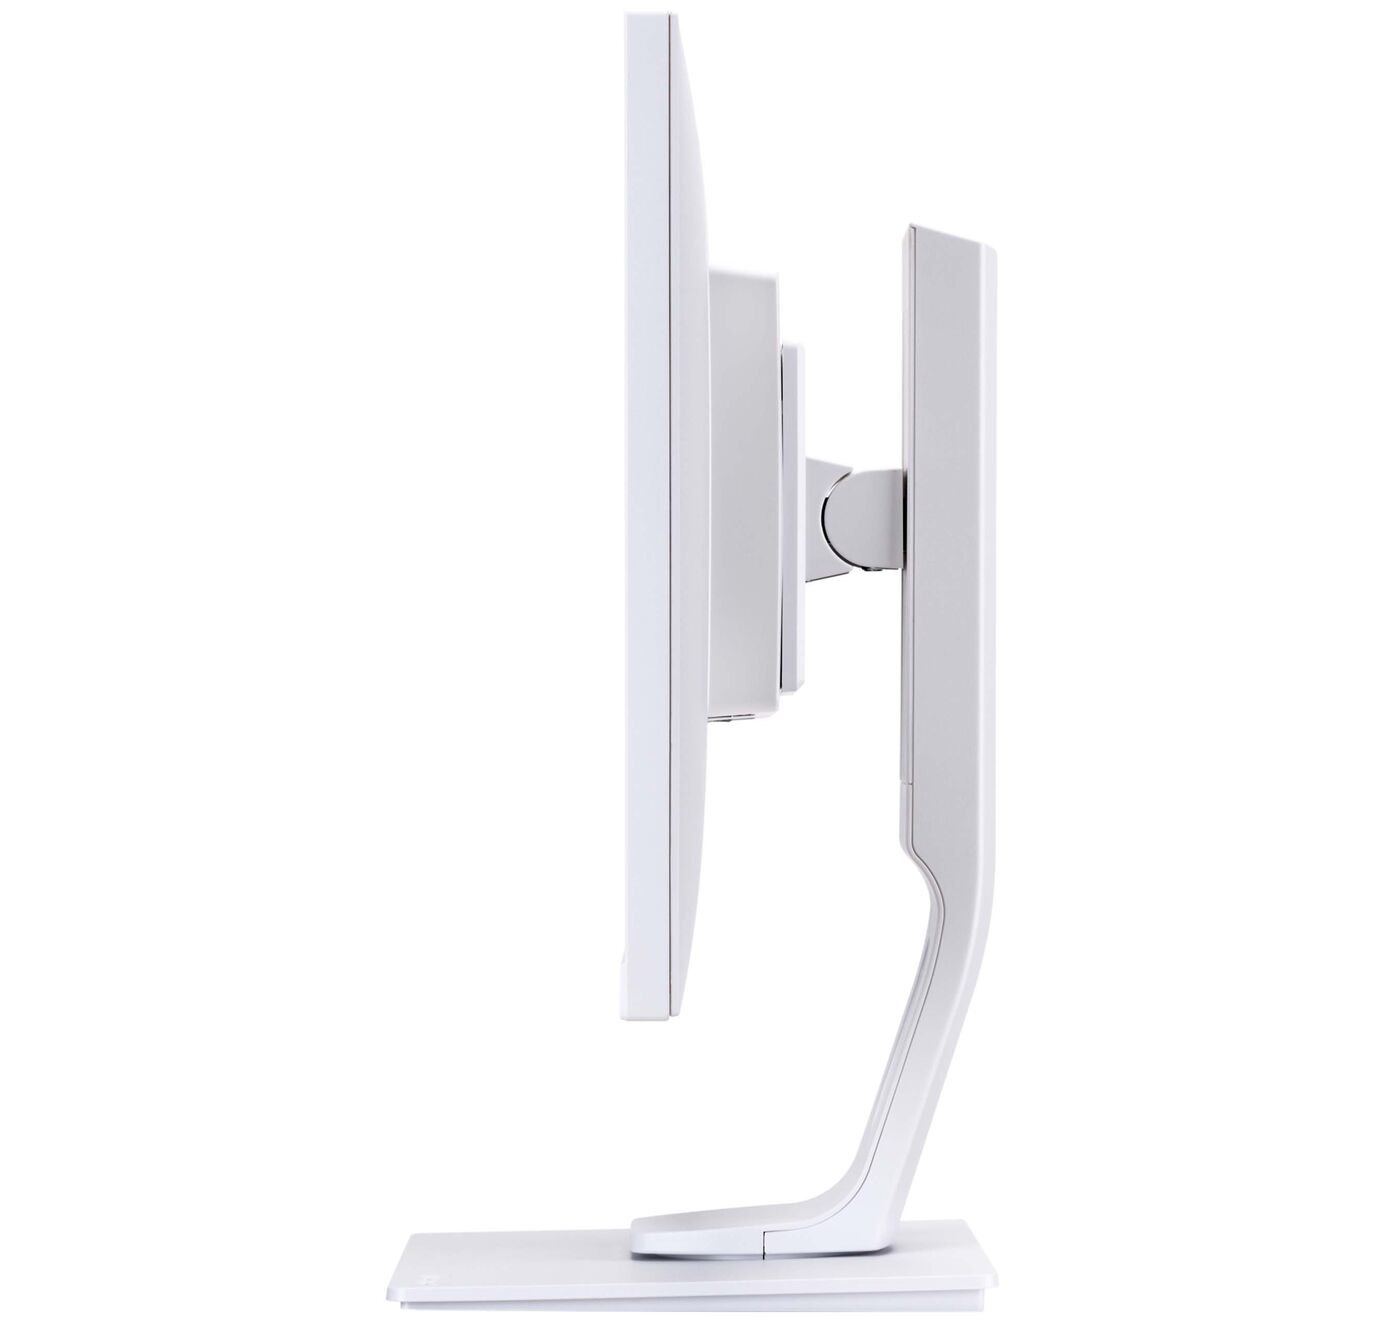 """ProLite XUB2492HSU-W1 LED 24"""", 1920 x 1080 Full HD IPS, 1000:1, 5 ms, HDMI, VGA, DisplayPort, speakers, wit"""